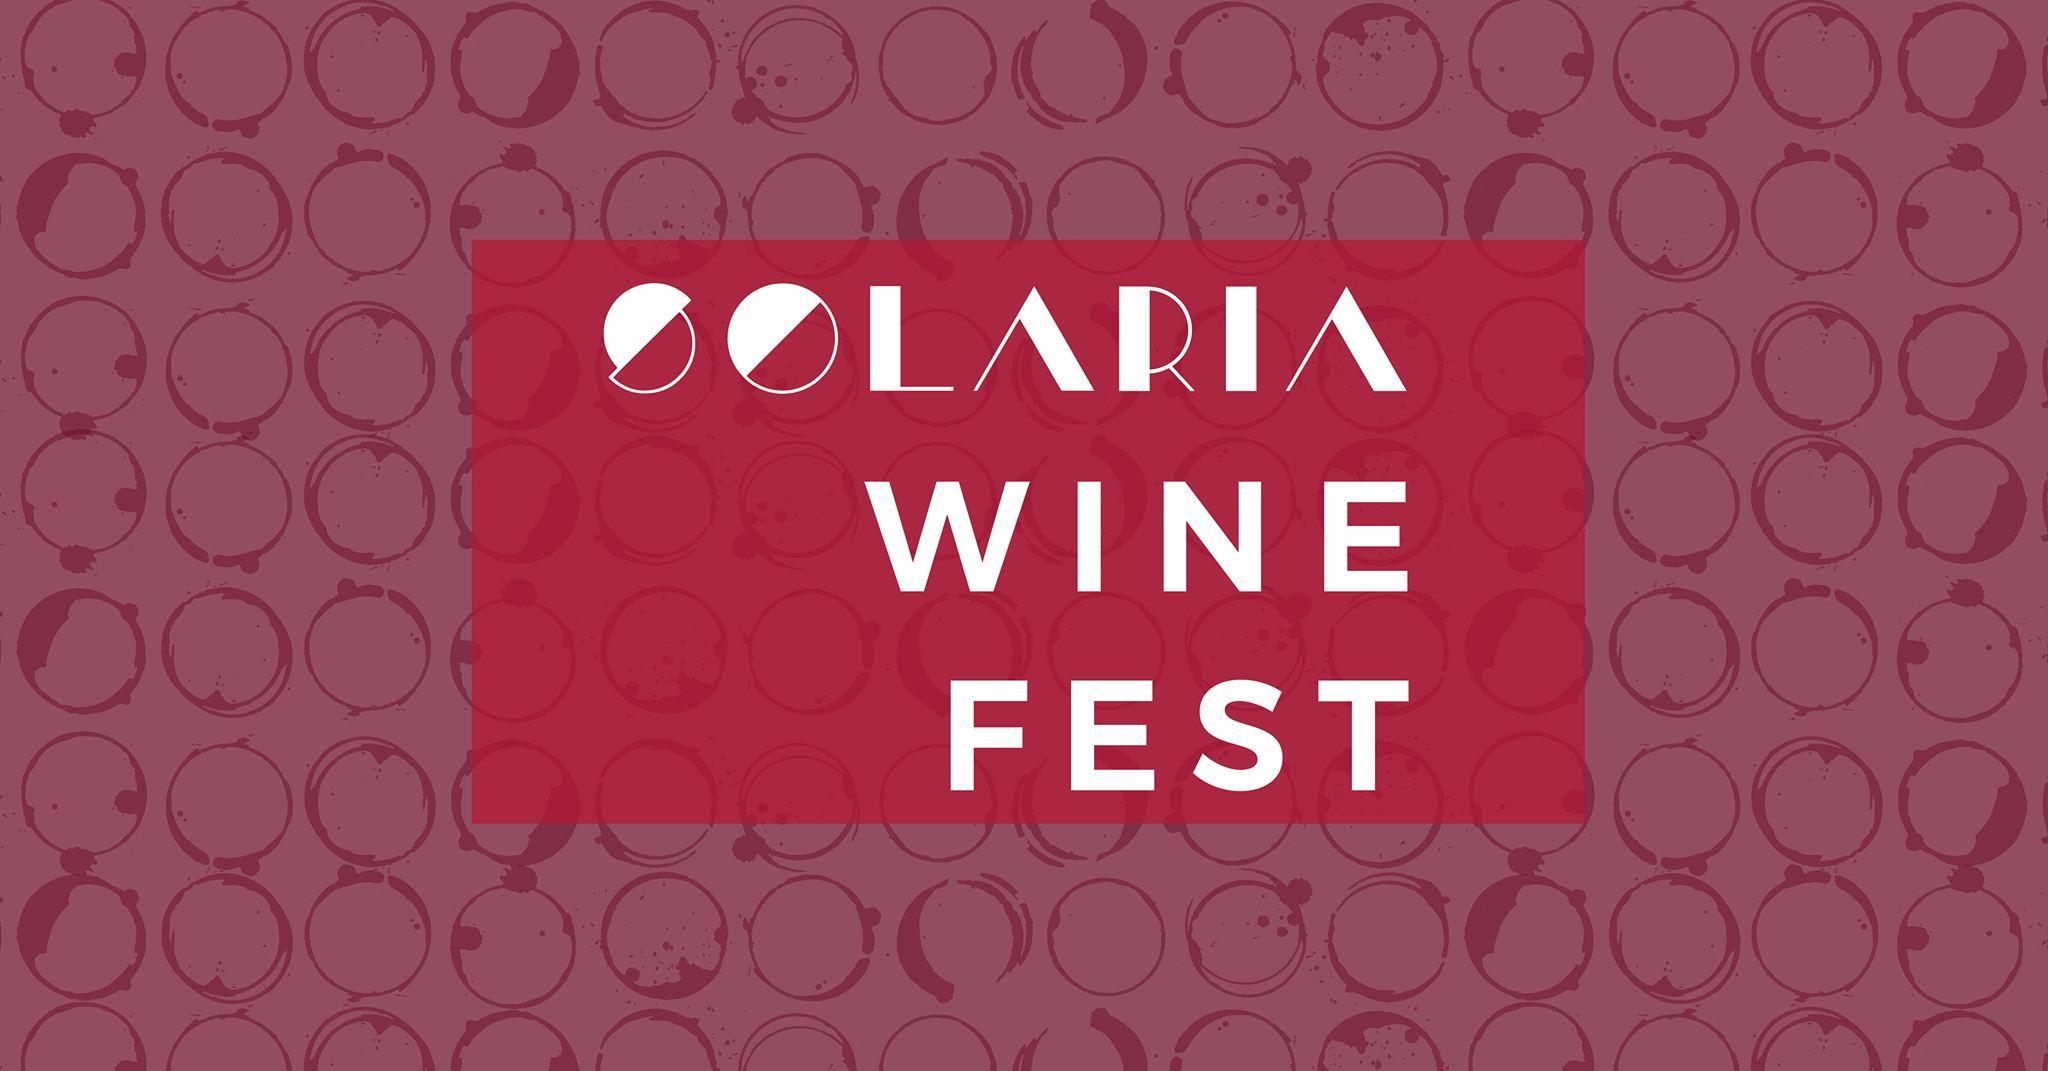 solaria wine fest.jpg